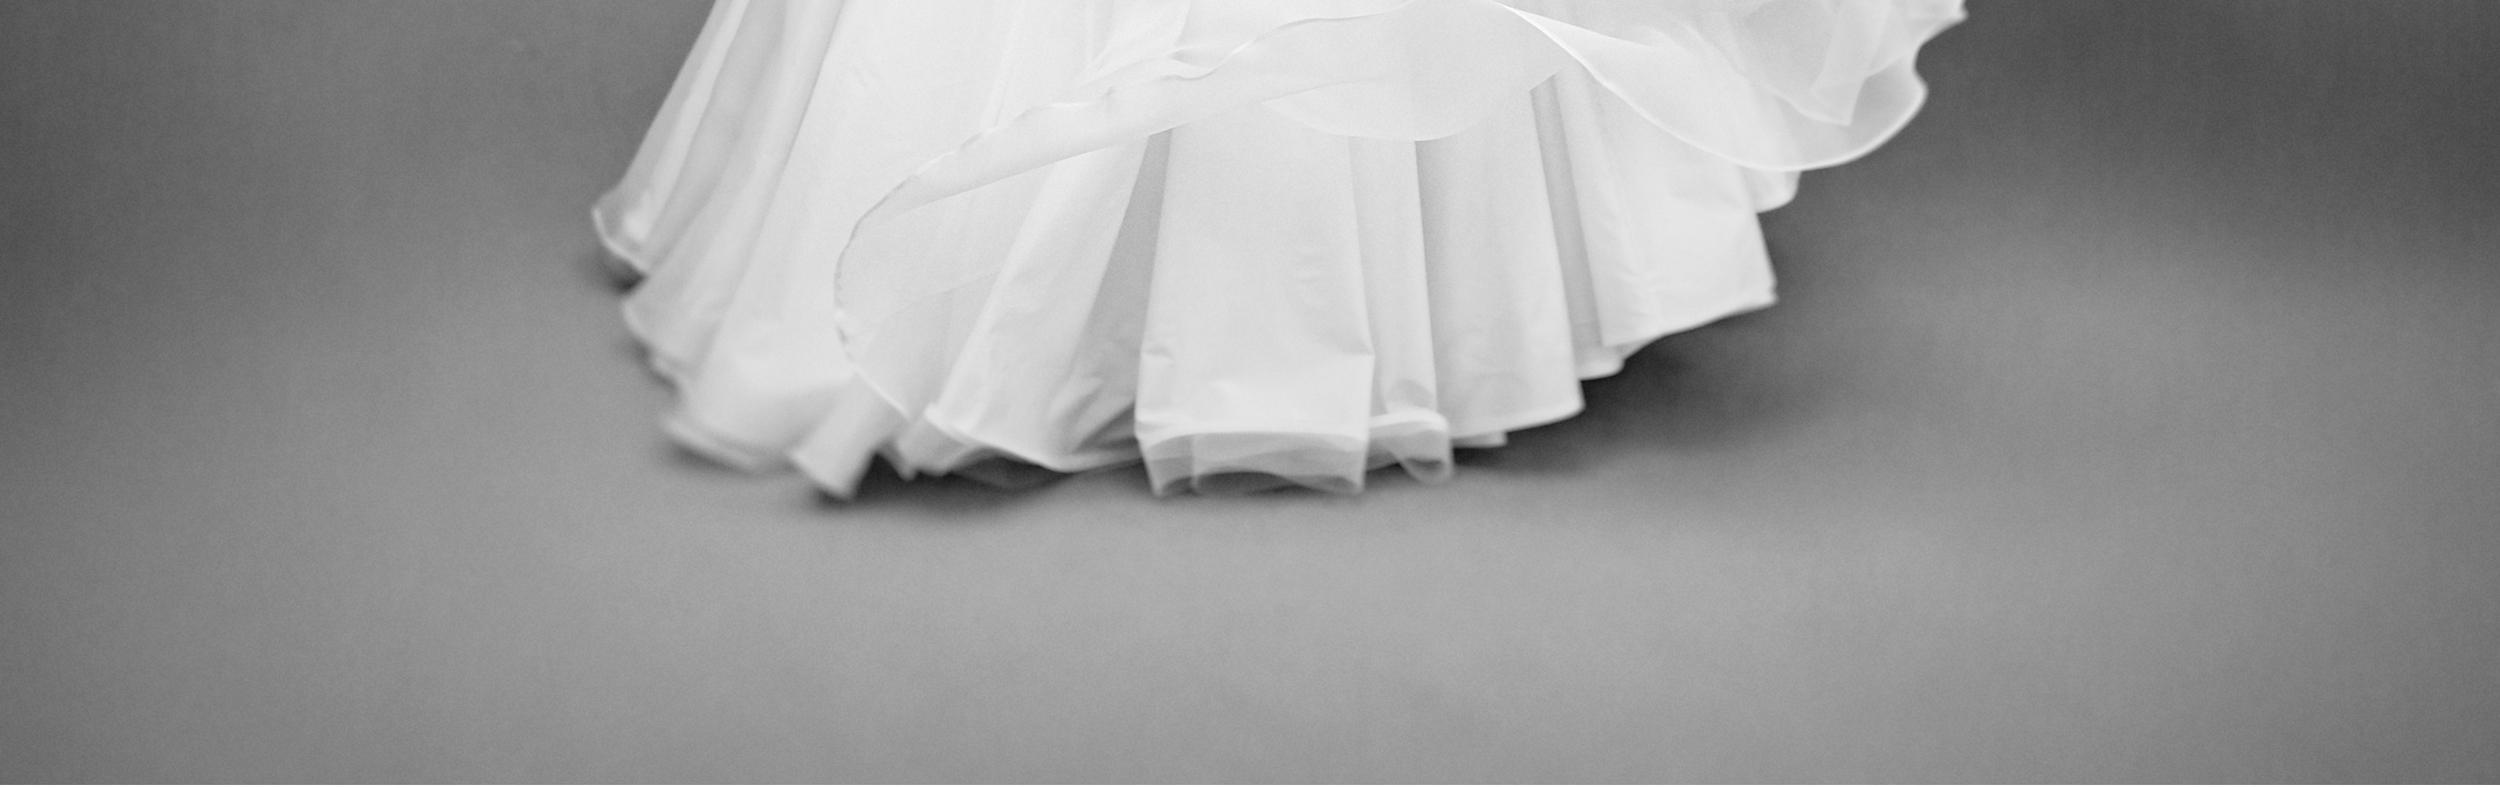 hem of ball gown skirt